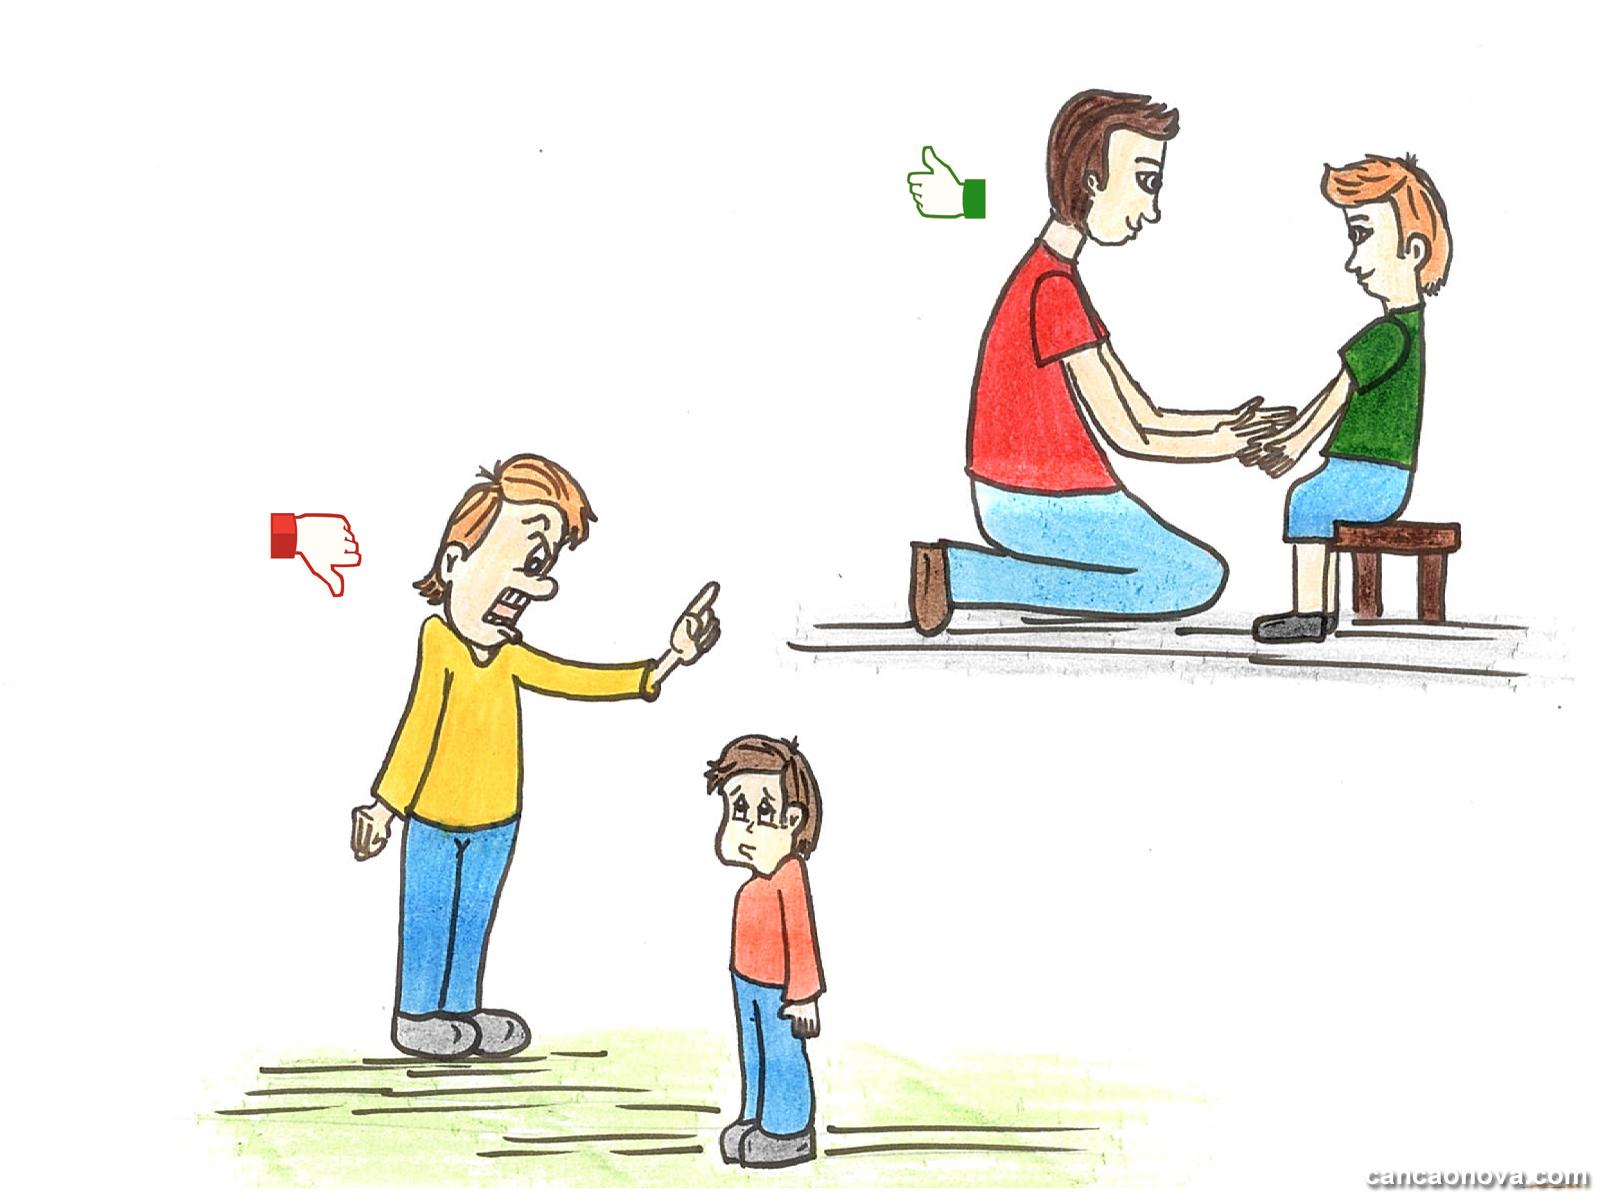 Eduque seus filhos bem alicerçados em valores (5)